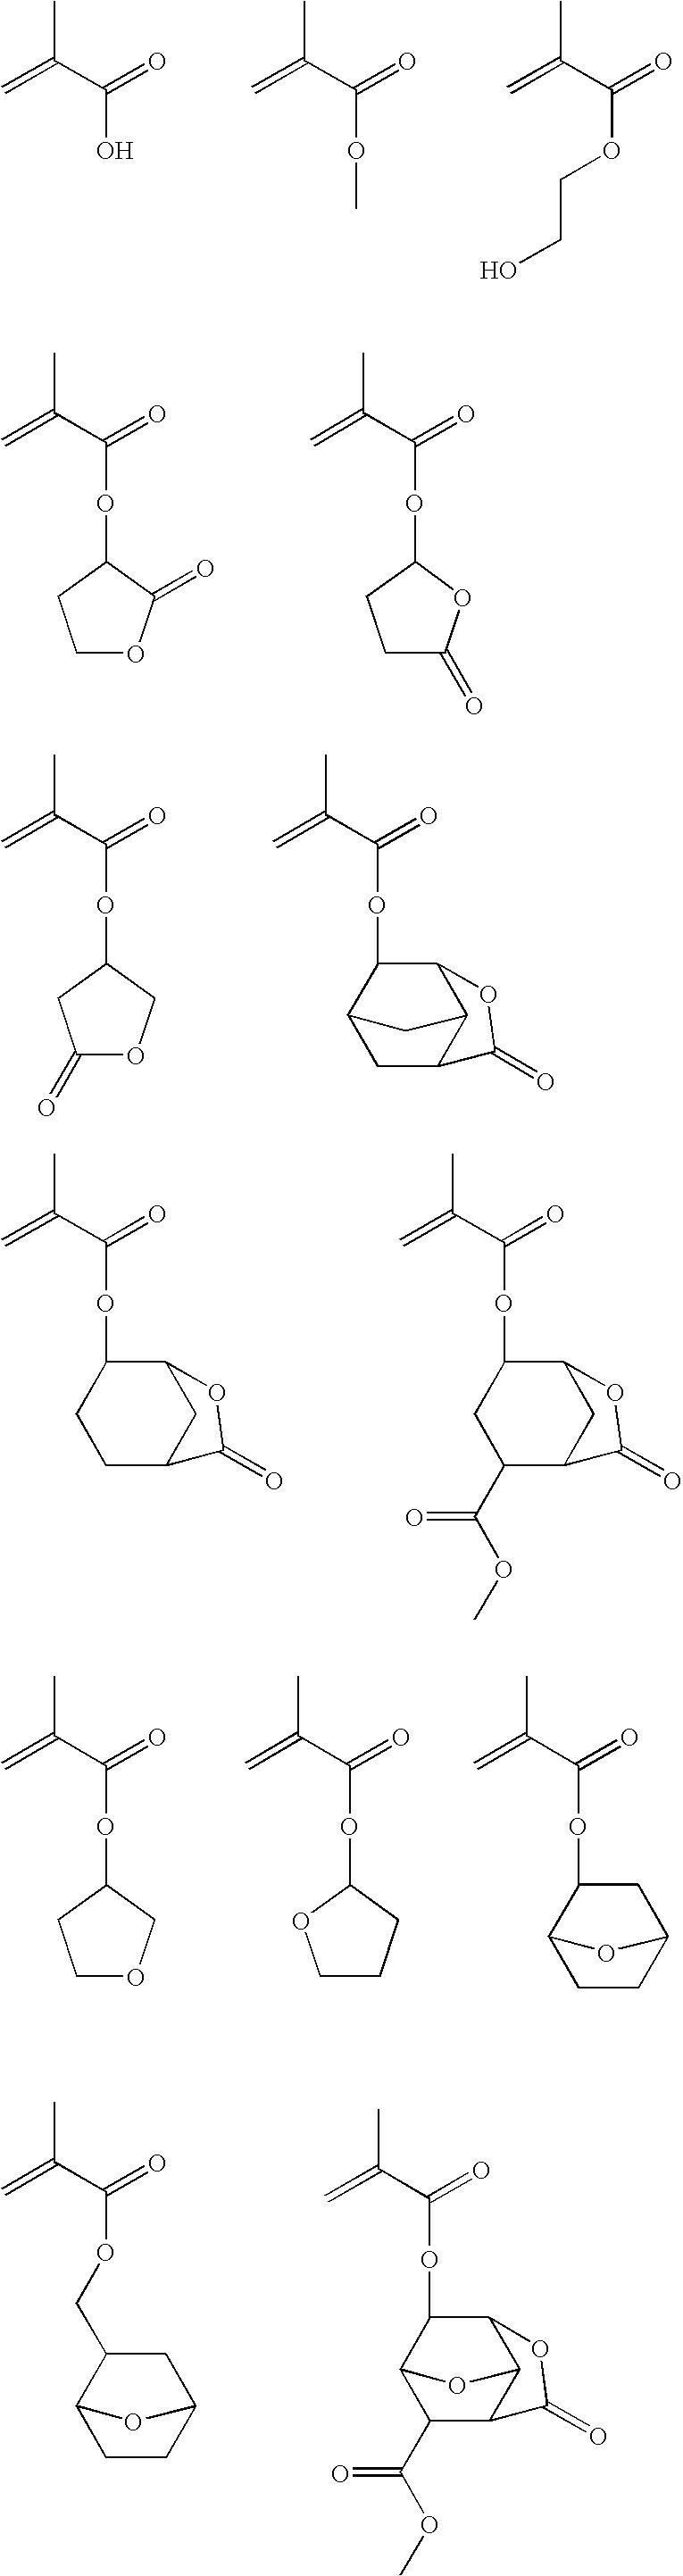 Figure US07368218-20080506-C00032